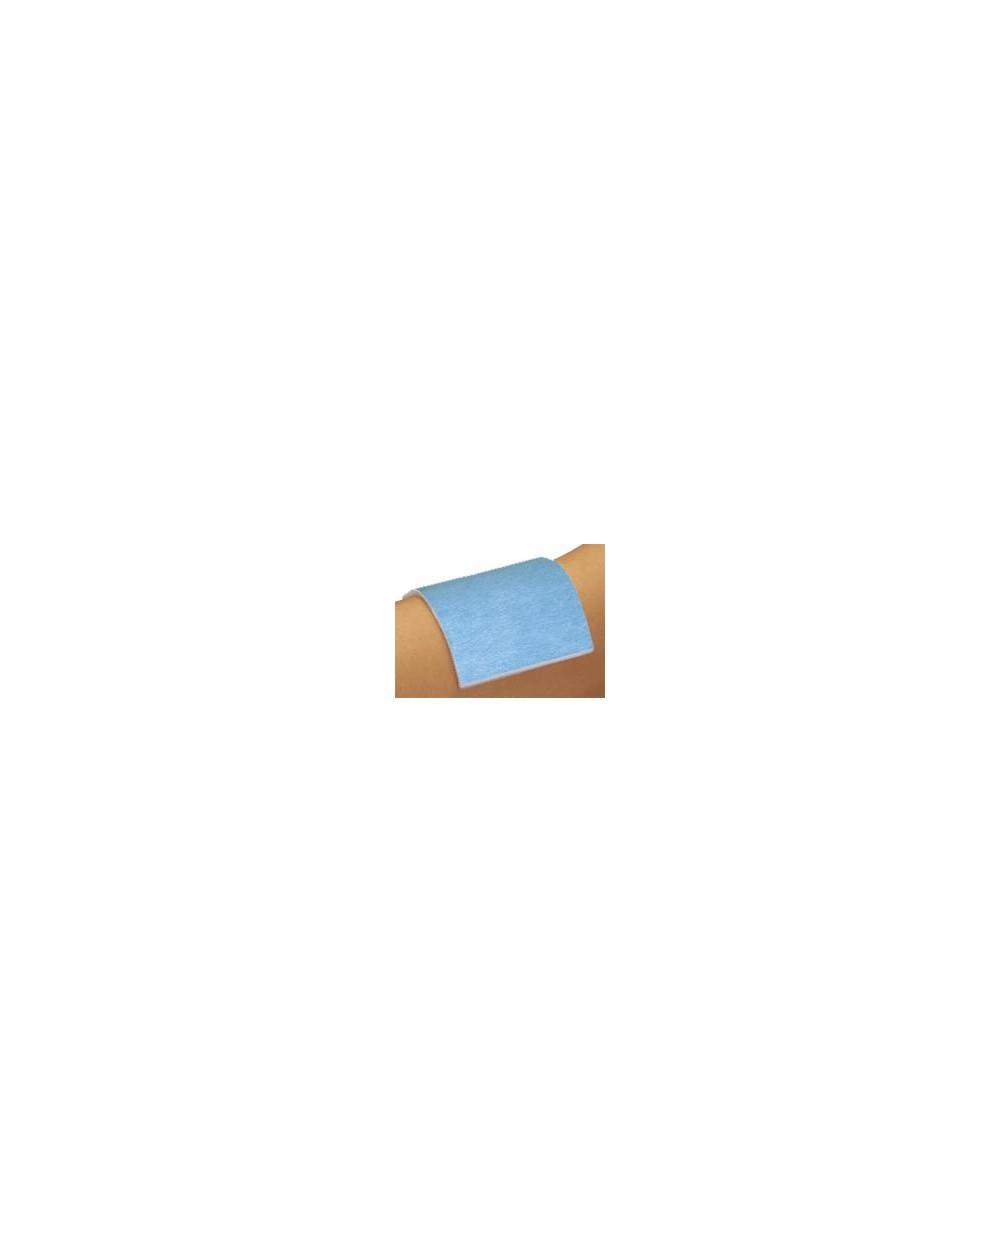 Compresses absorbante Stellaline, 7,5 x 7,5 cm, stérile. Etui de 100